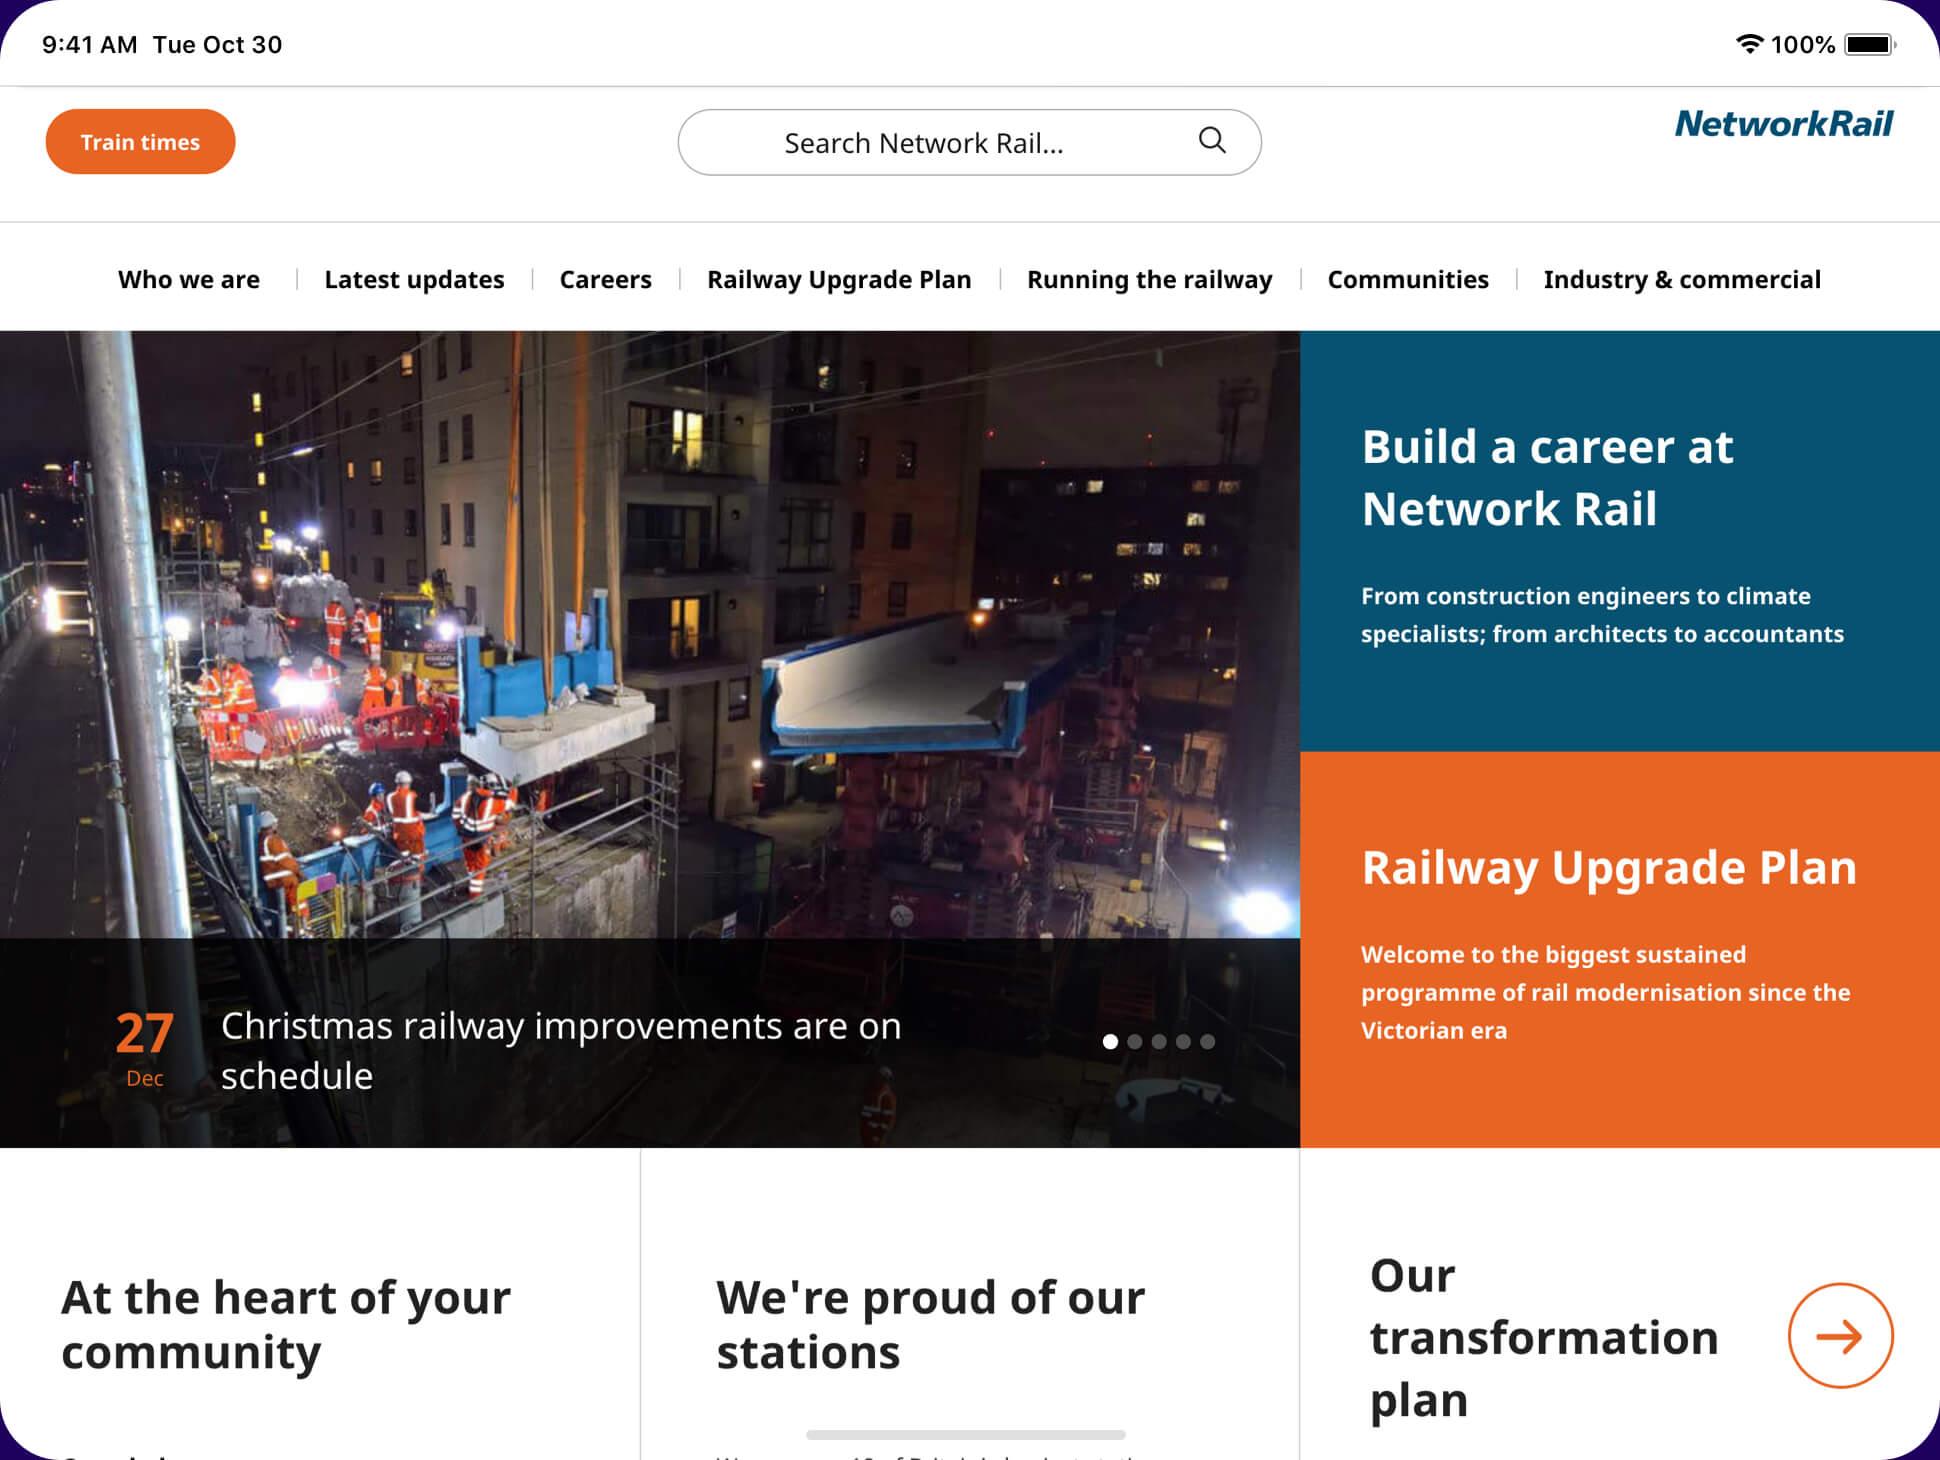 Network-rail website screenshot